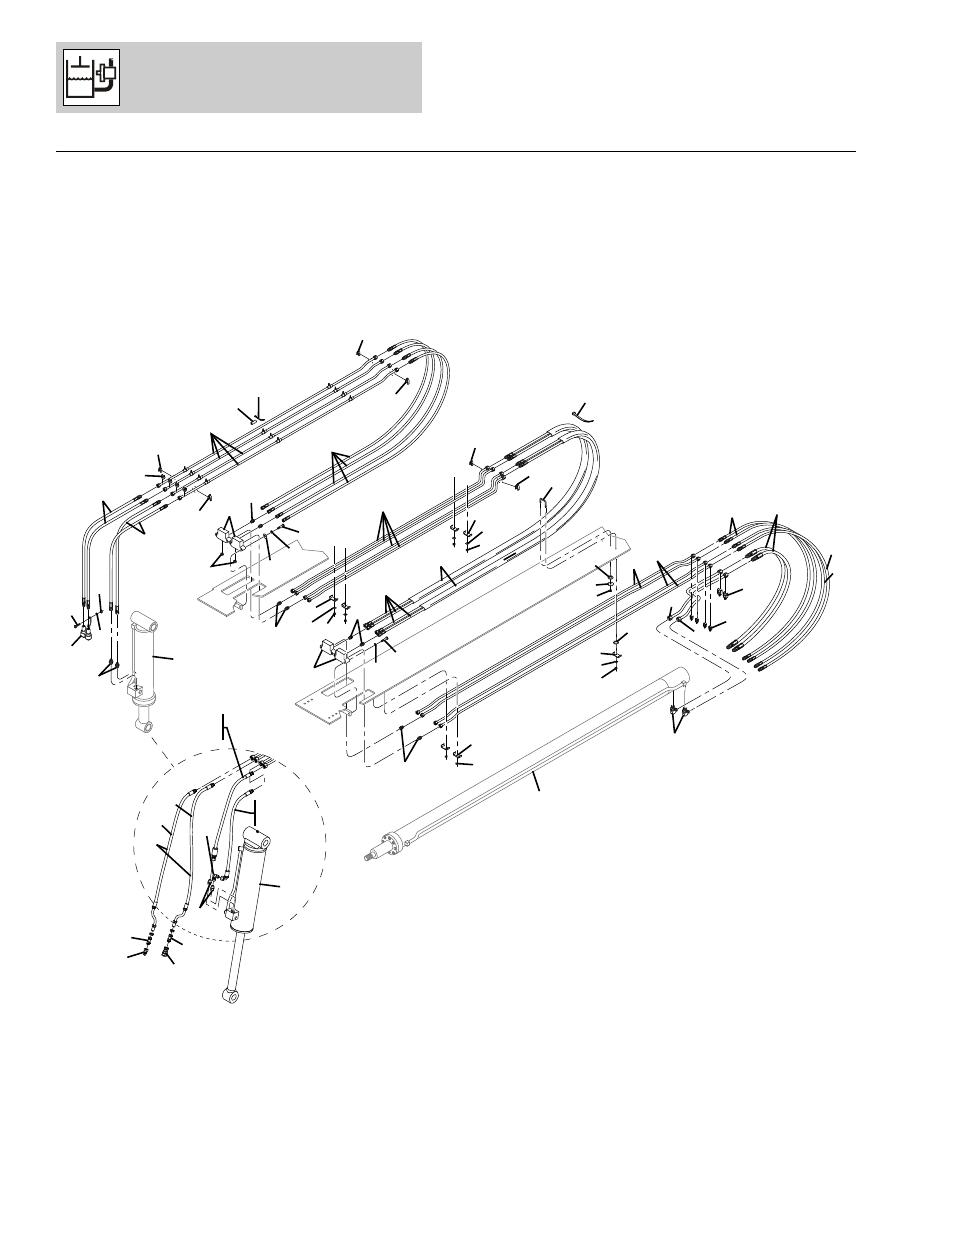 Figure 8-2 boom hydraulic cylinder, Boom hydraulic